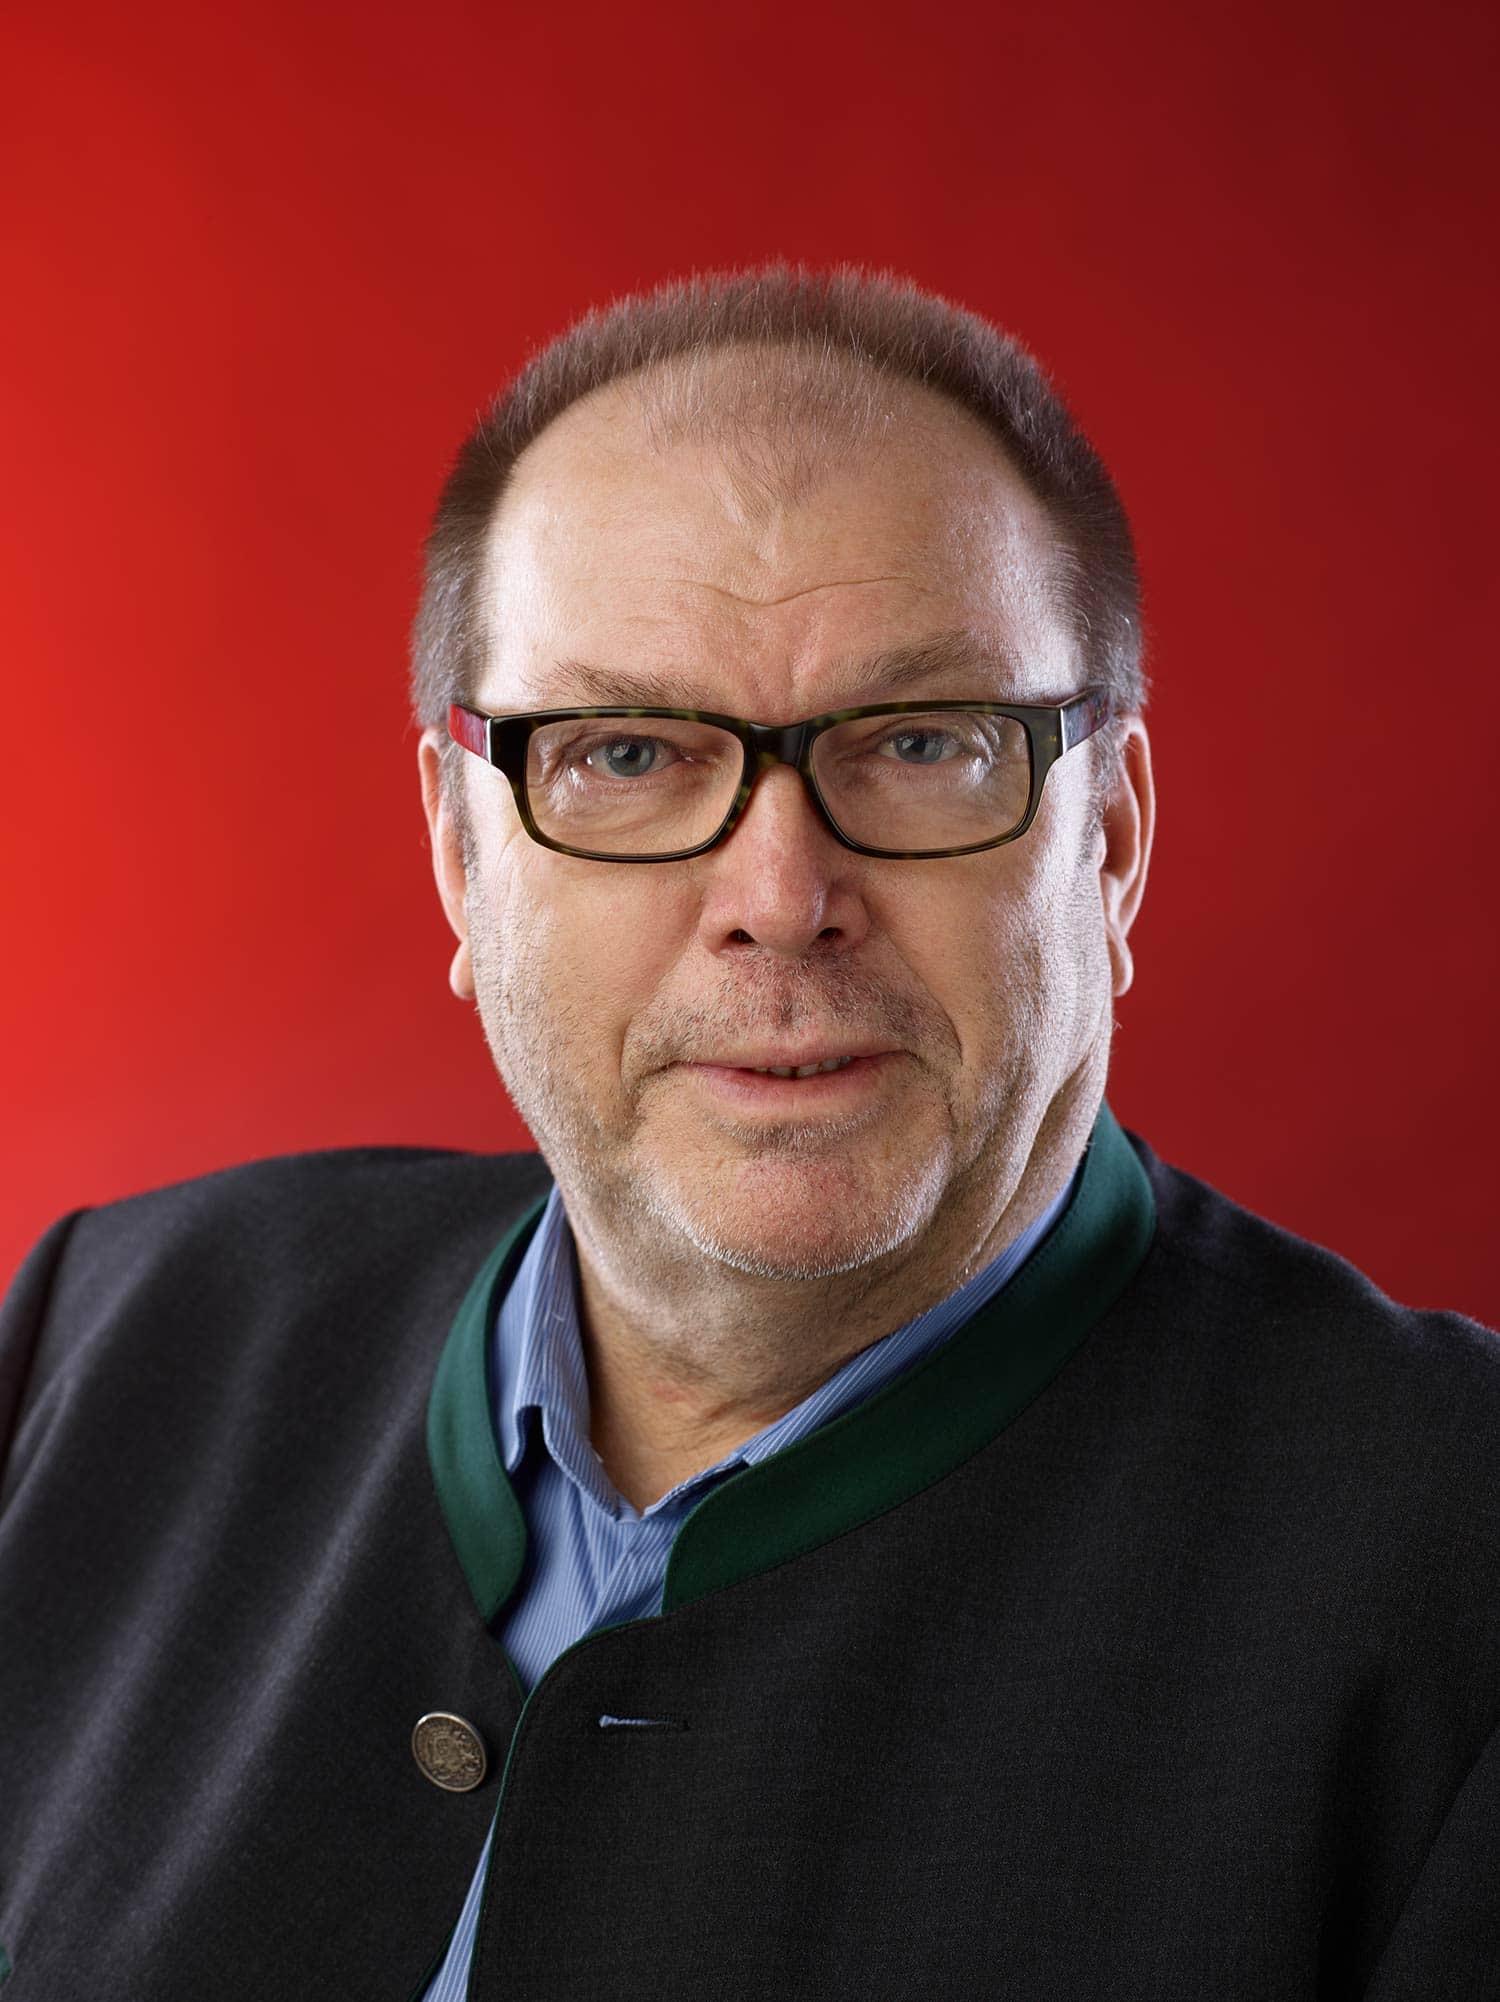 Diethard Eichhammer von der SPD-BL (Sozialdemokratische Partei Deutschland-Bürgerliste) war der einzige Kandidat in Deuerling. Er wurde mit 83,44 Prozent der Stimmen wiedergewählt. Eichhammer ist Bürgermeister seit 2014 – und wird es auch die kommenden sechs Jahre sein.  Foto: Schmid